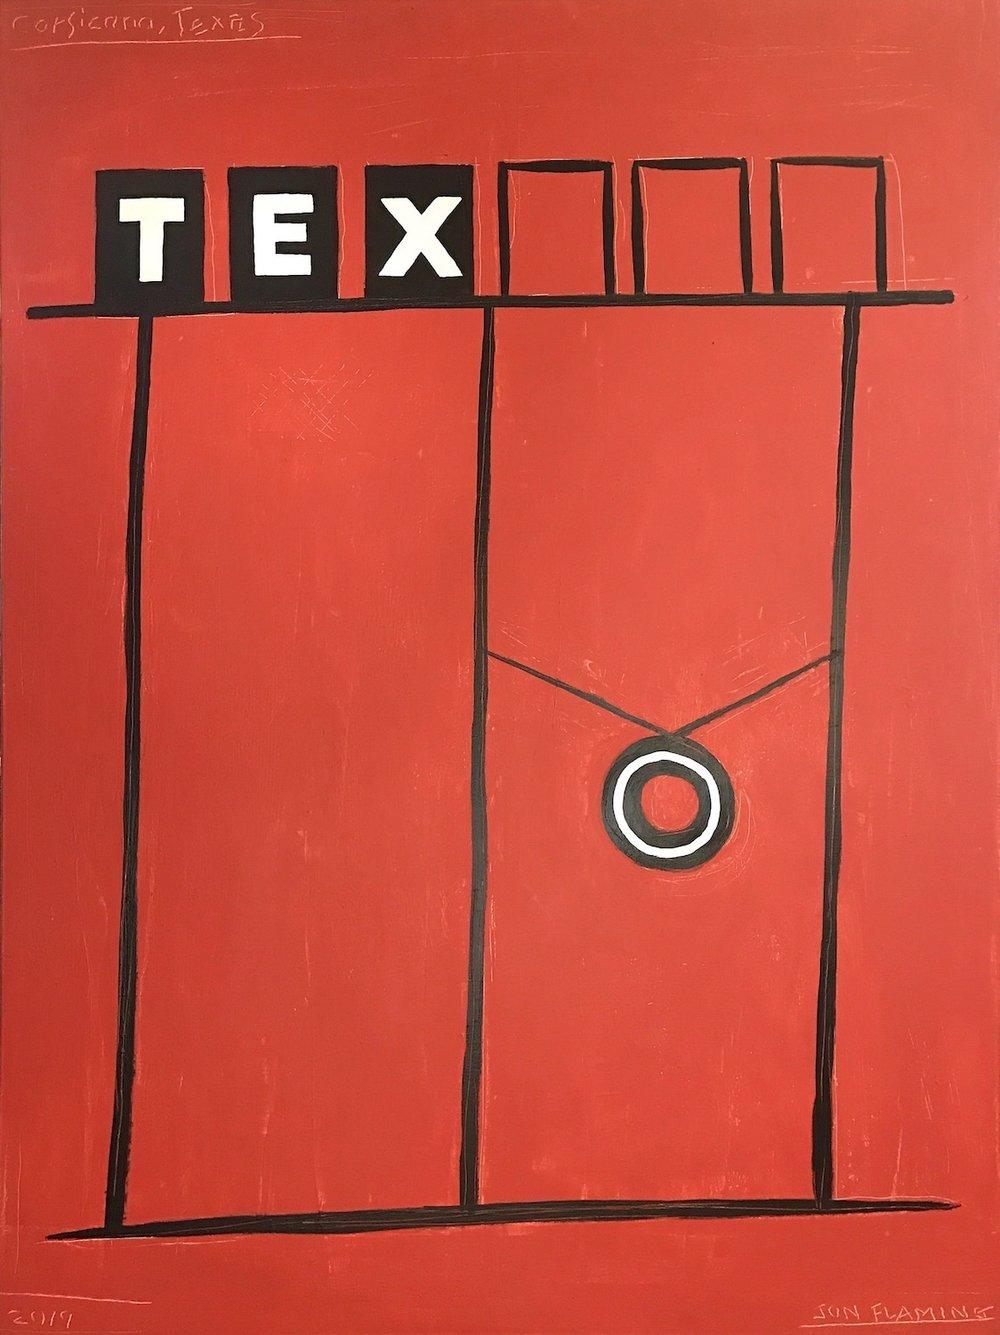 Tex(aco), 48x36, oil and acrylic on canvas